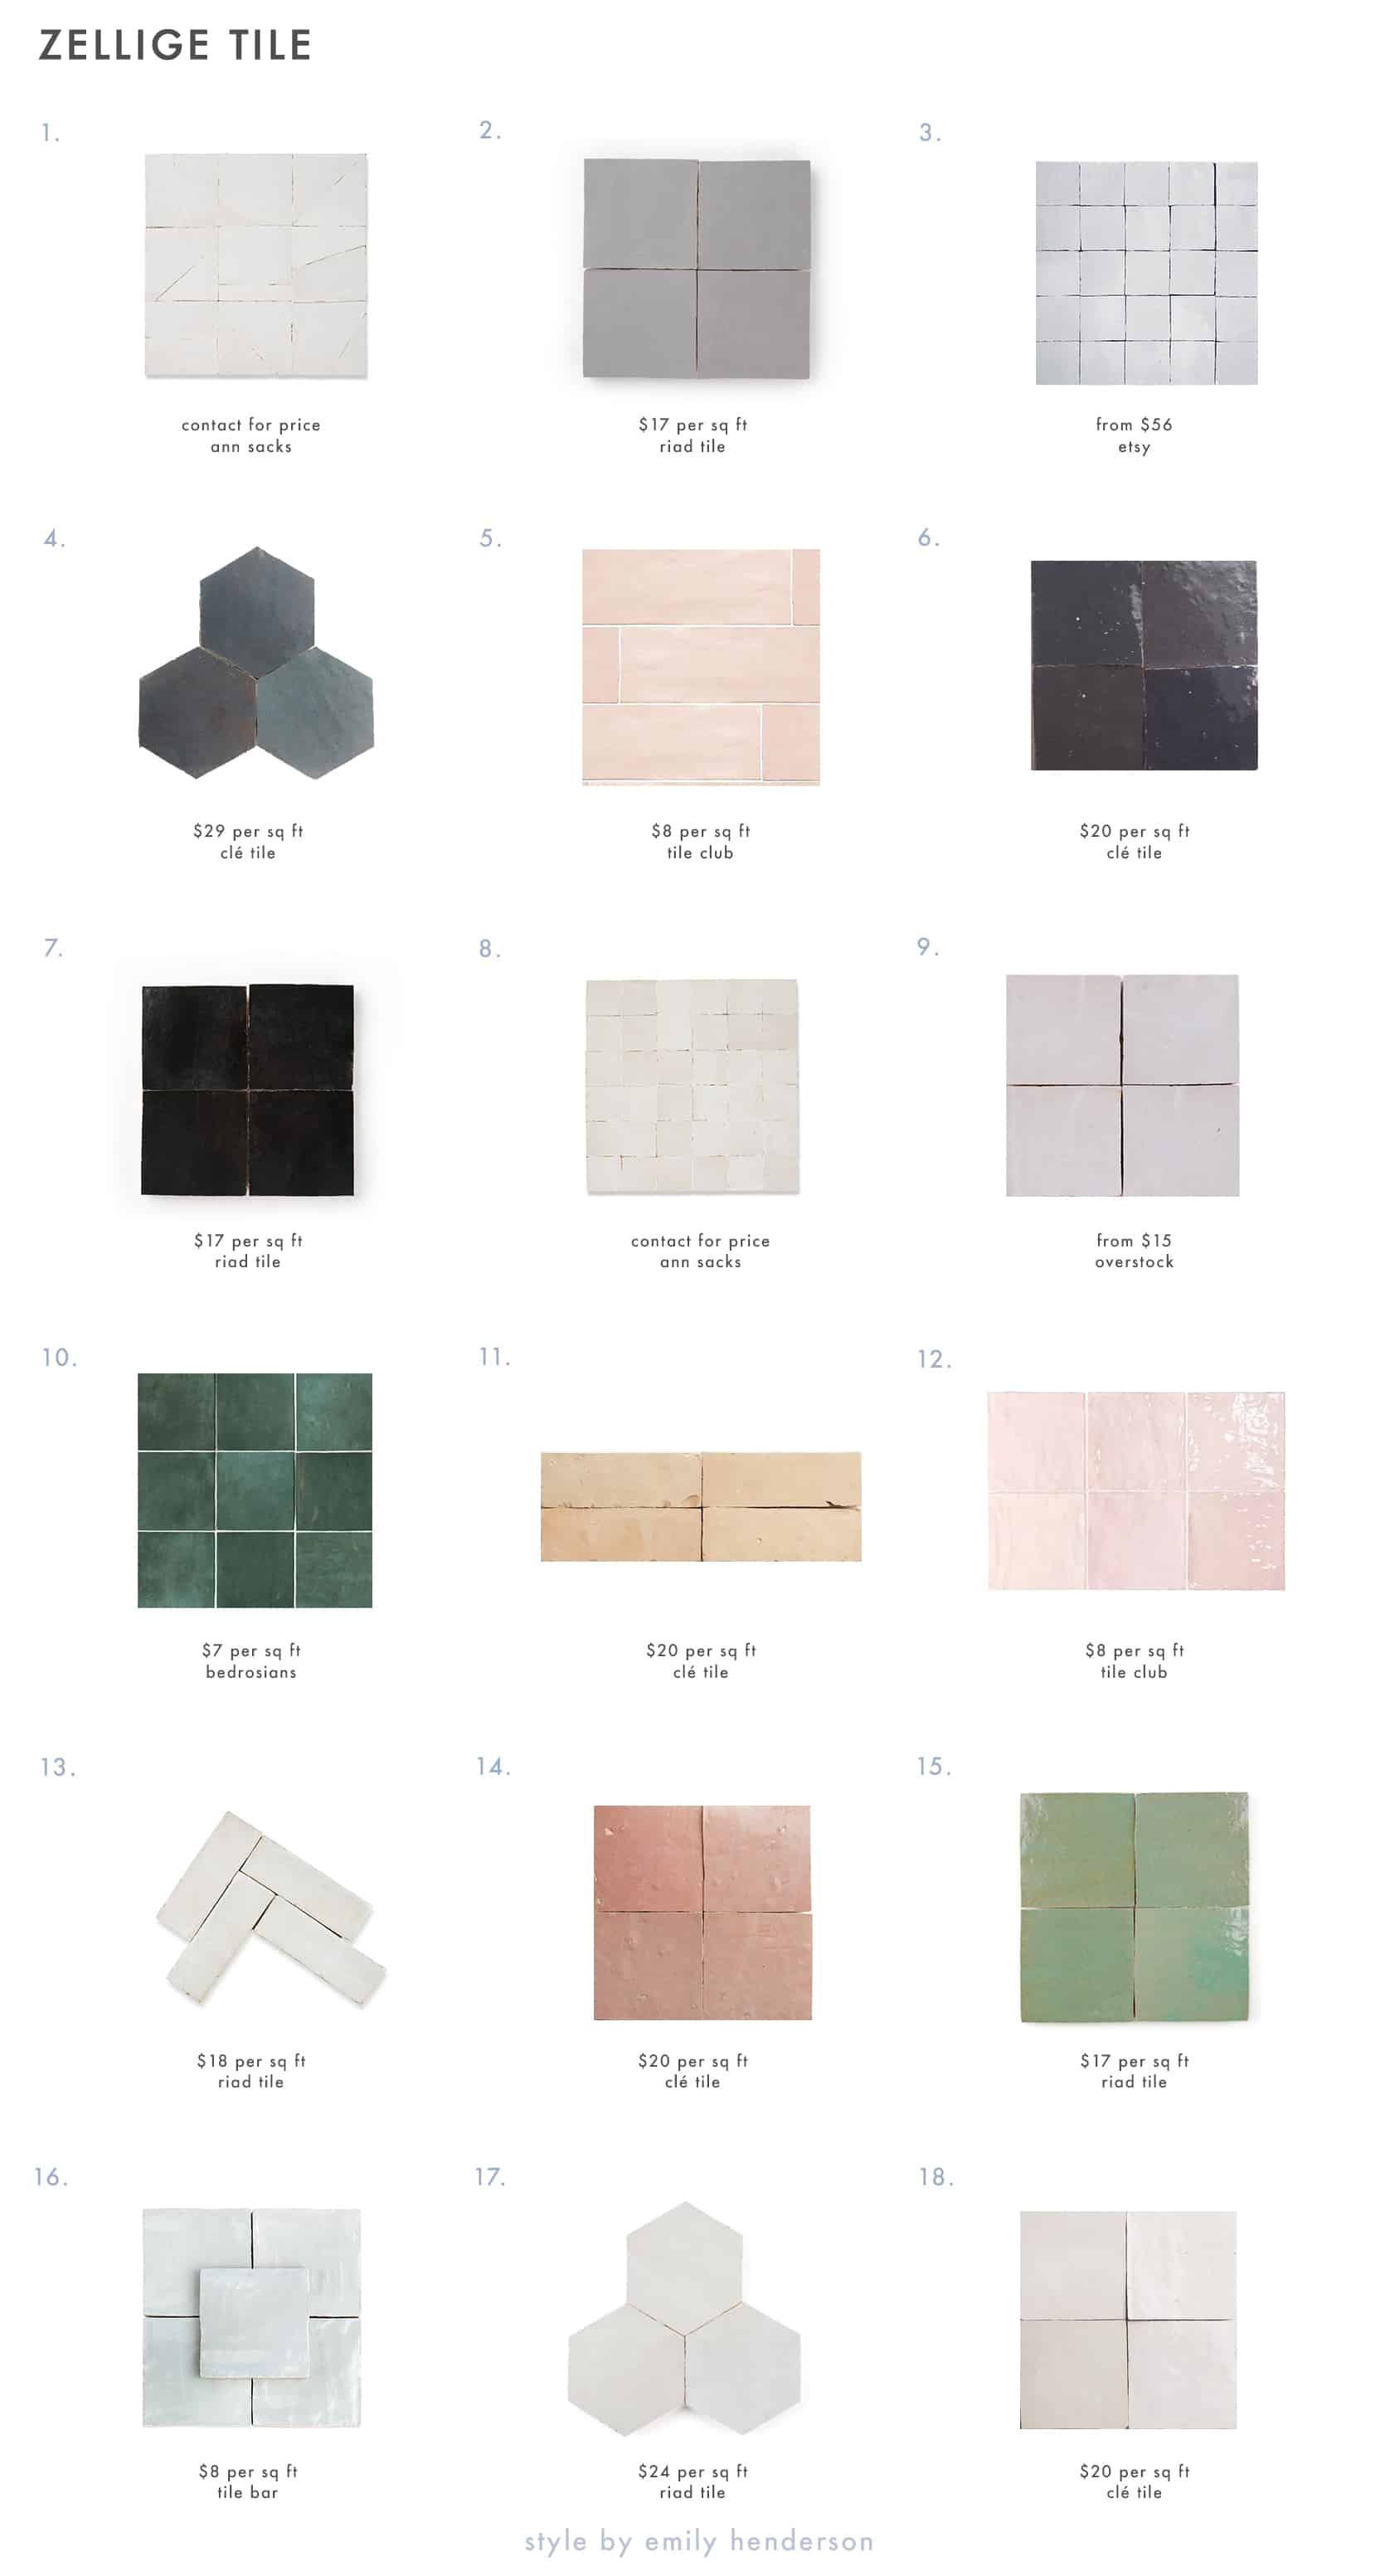 Emily Henderson Zellige Tile Roundup